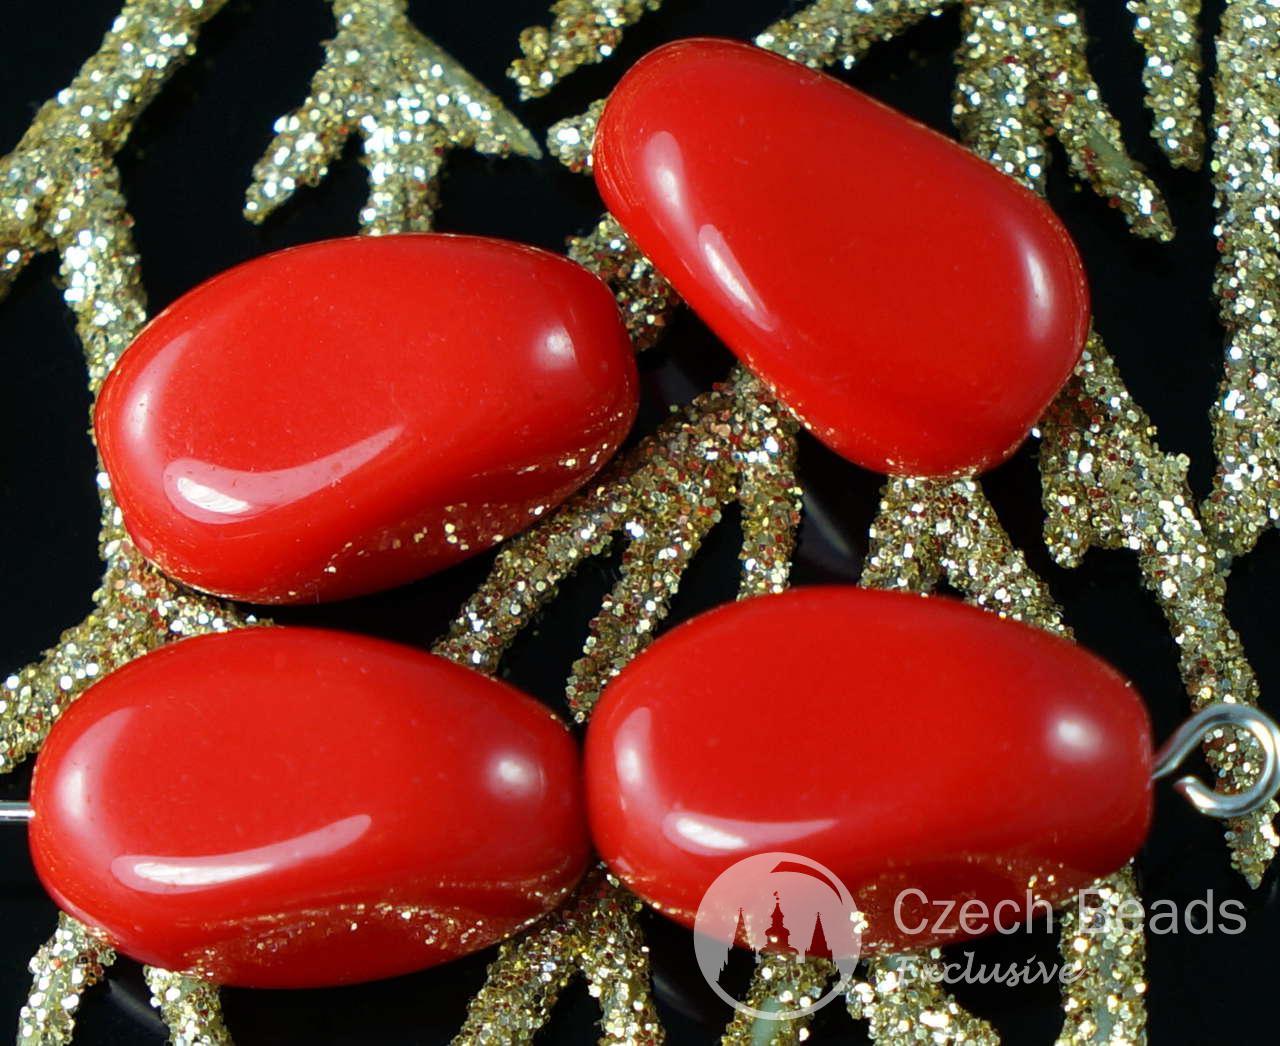 Grand Opaque Rouge tchèque en Verre à Facettes Perles Ovales Oblongues 16mm x 10mm 6pcs pour $ 2.48 à partir de Czech Beads Exclusive